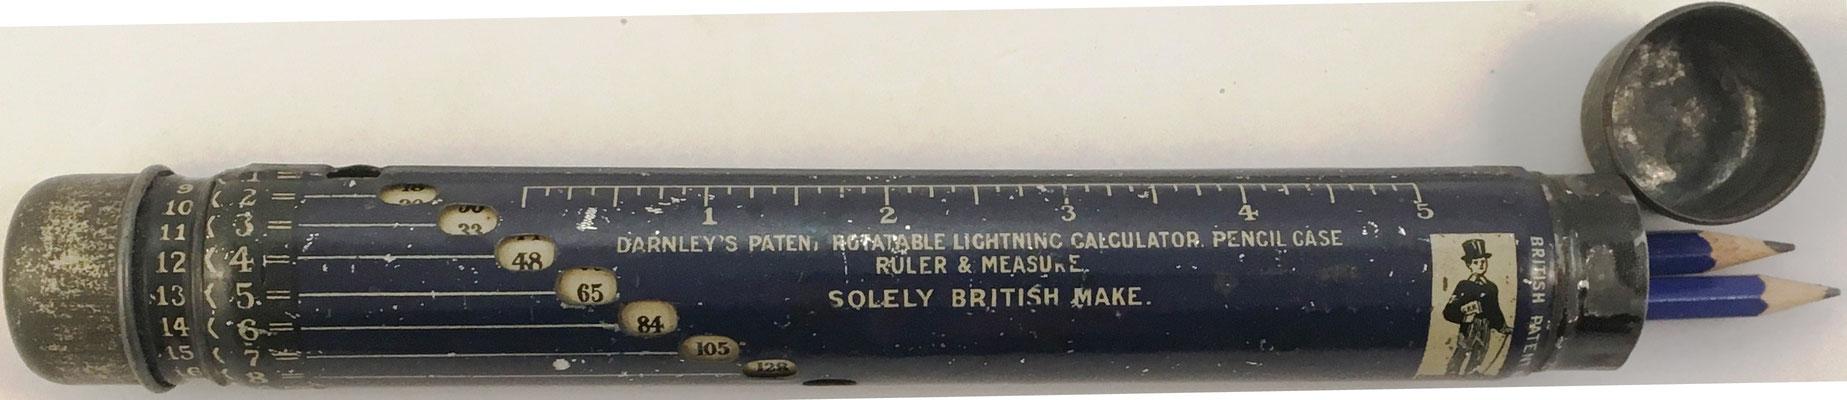 Estuche para lapiceros DARNLEY, hecho por Solely Manufacturing Co. en Inglaterra, año 1920, permite productos hasta 20x20